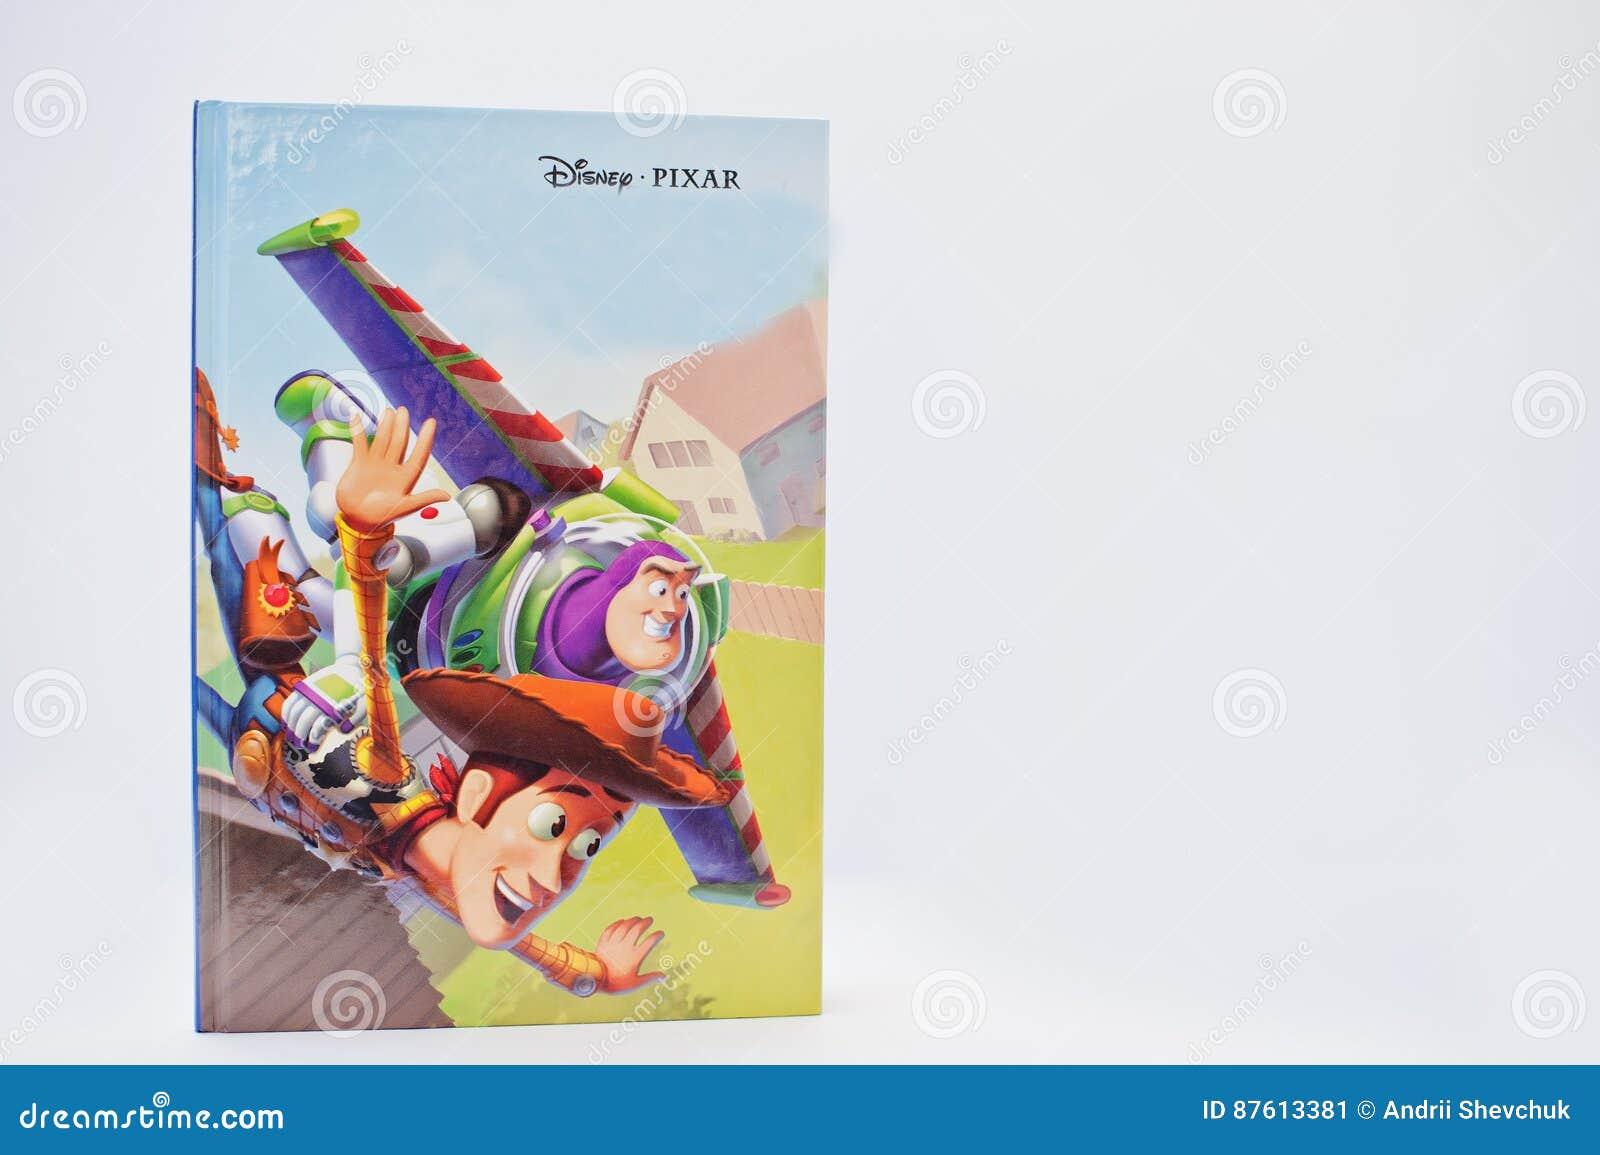 Hai Ukraine February 28 2017 Animated Disney Pixar Movies C